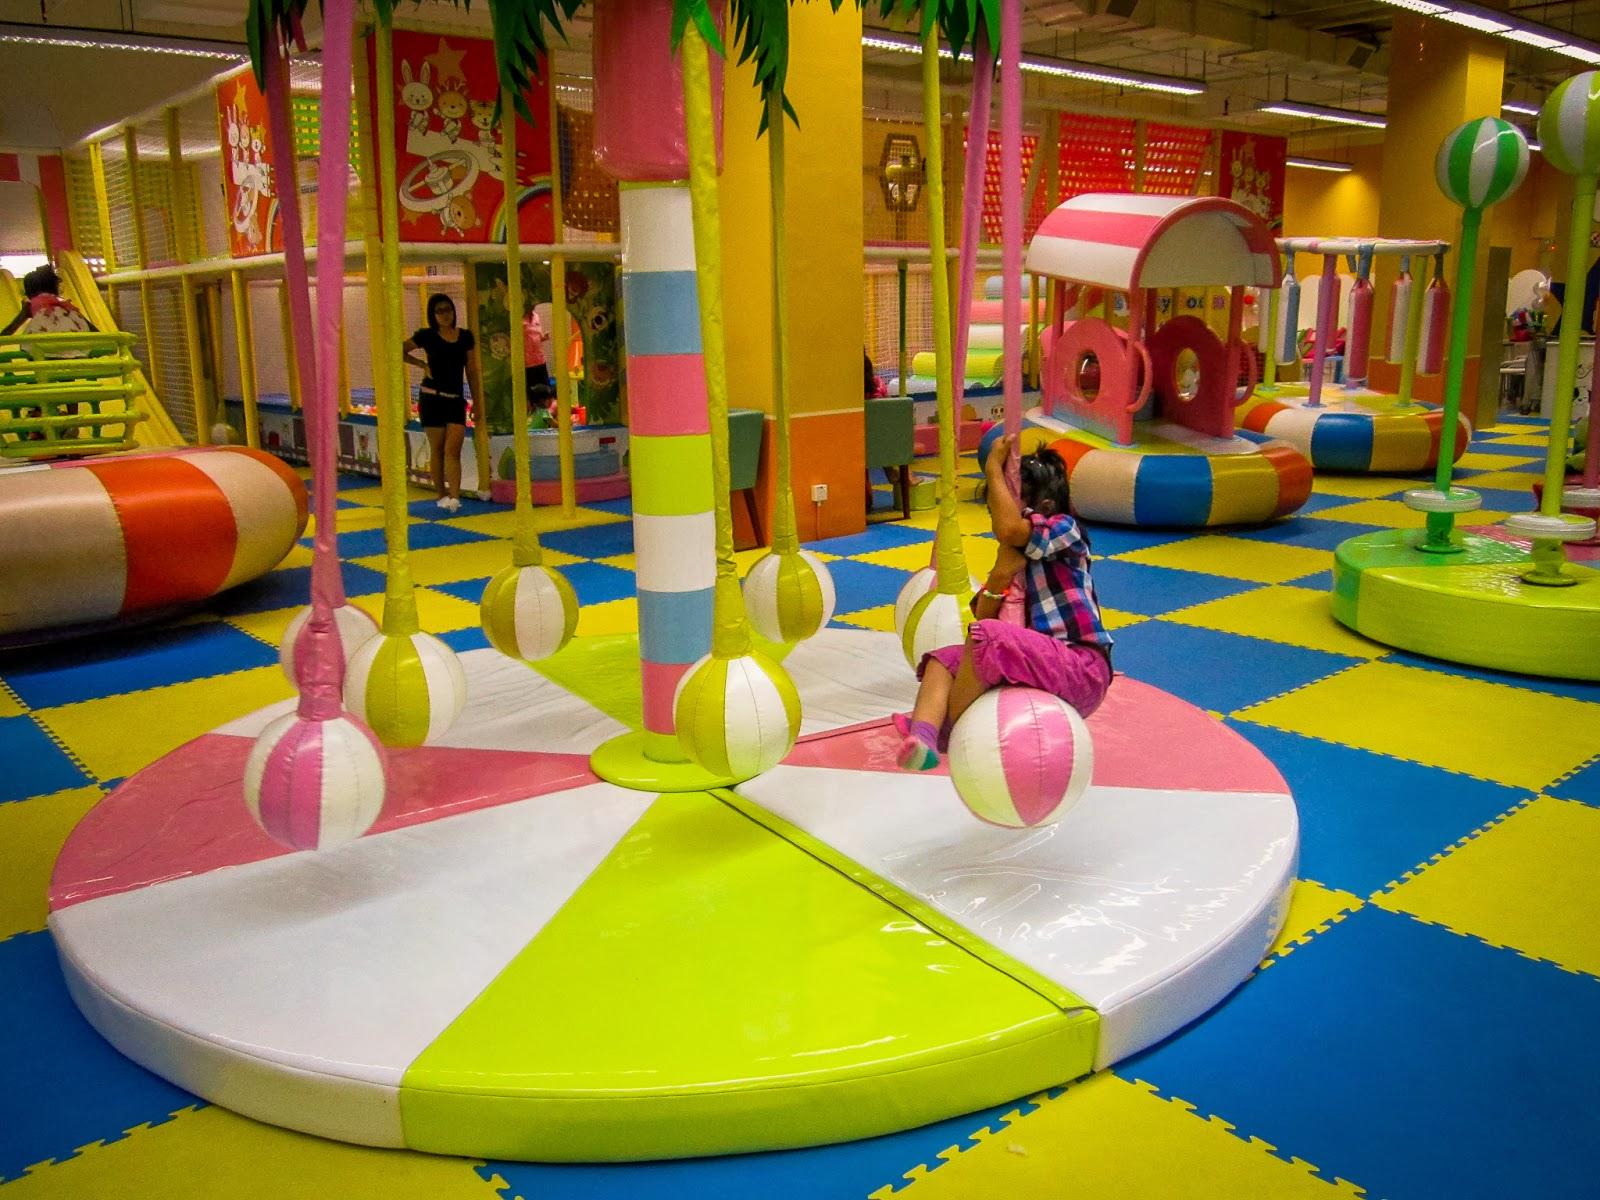 Indoor Children Playground: Kids Entertainment